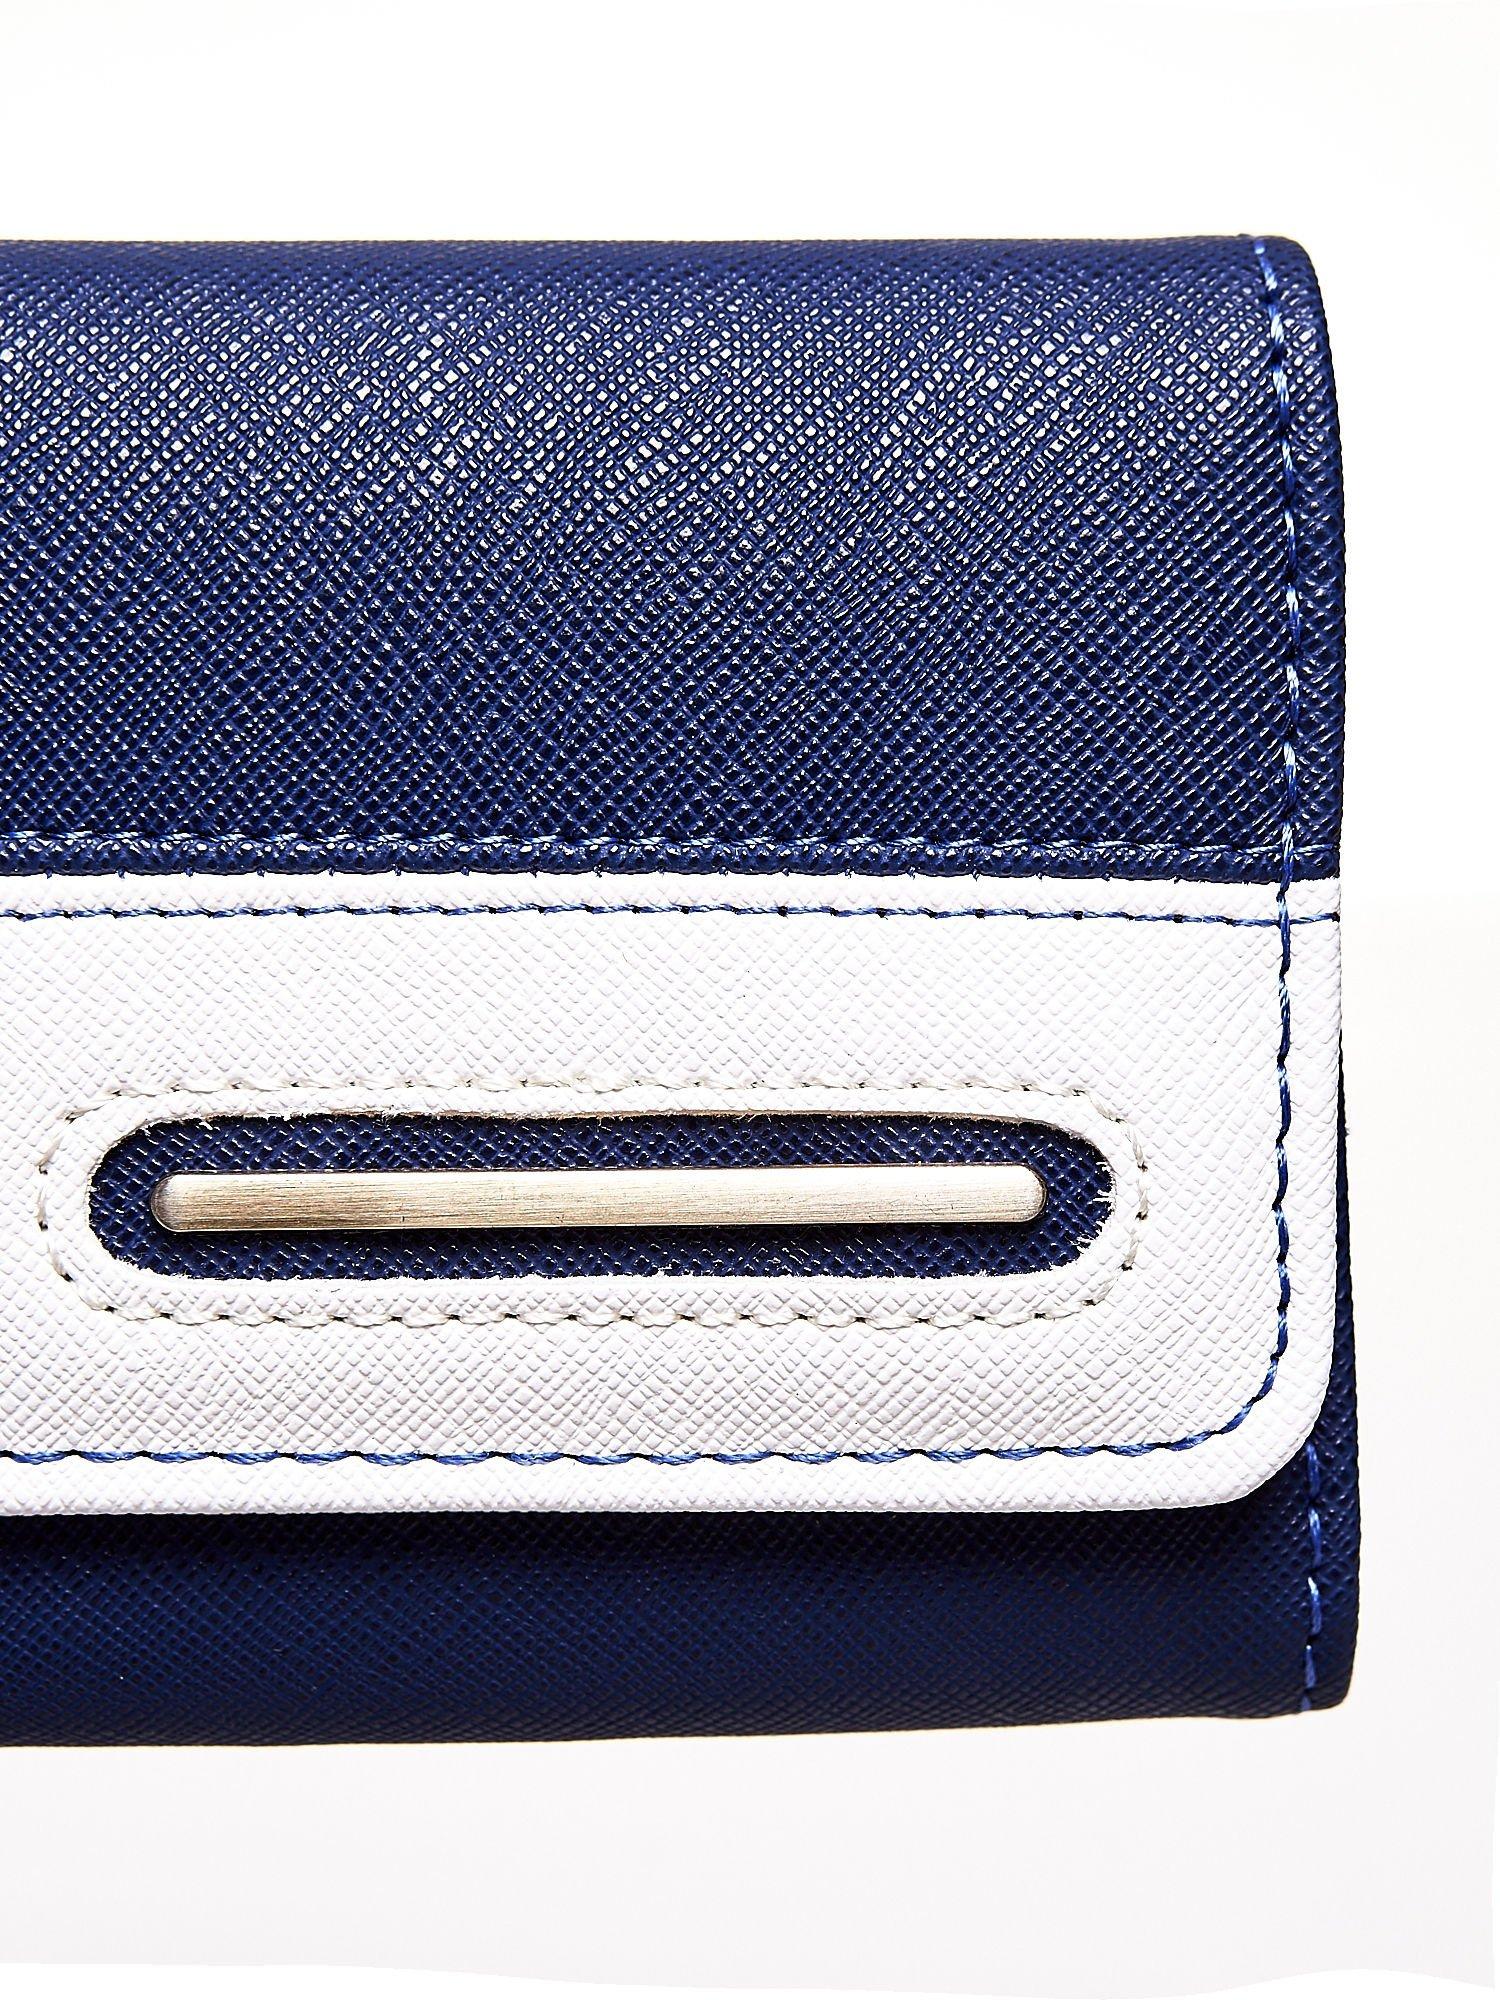 Granatowy portfel z białym wykończeniem                                  zdj.                                  6